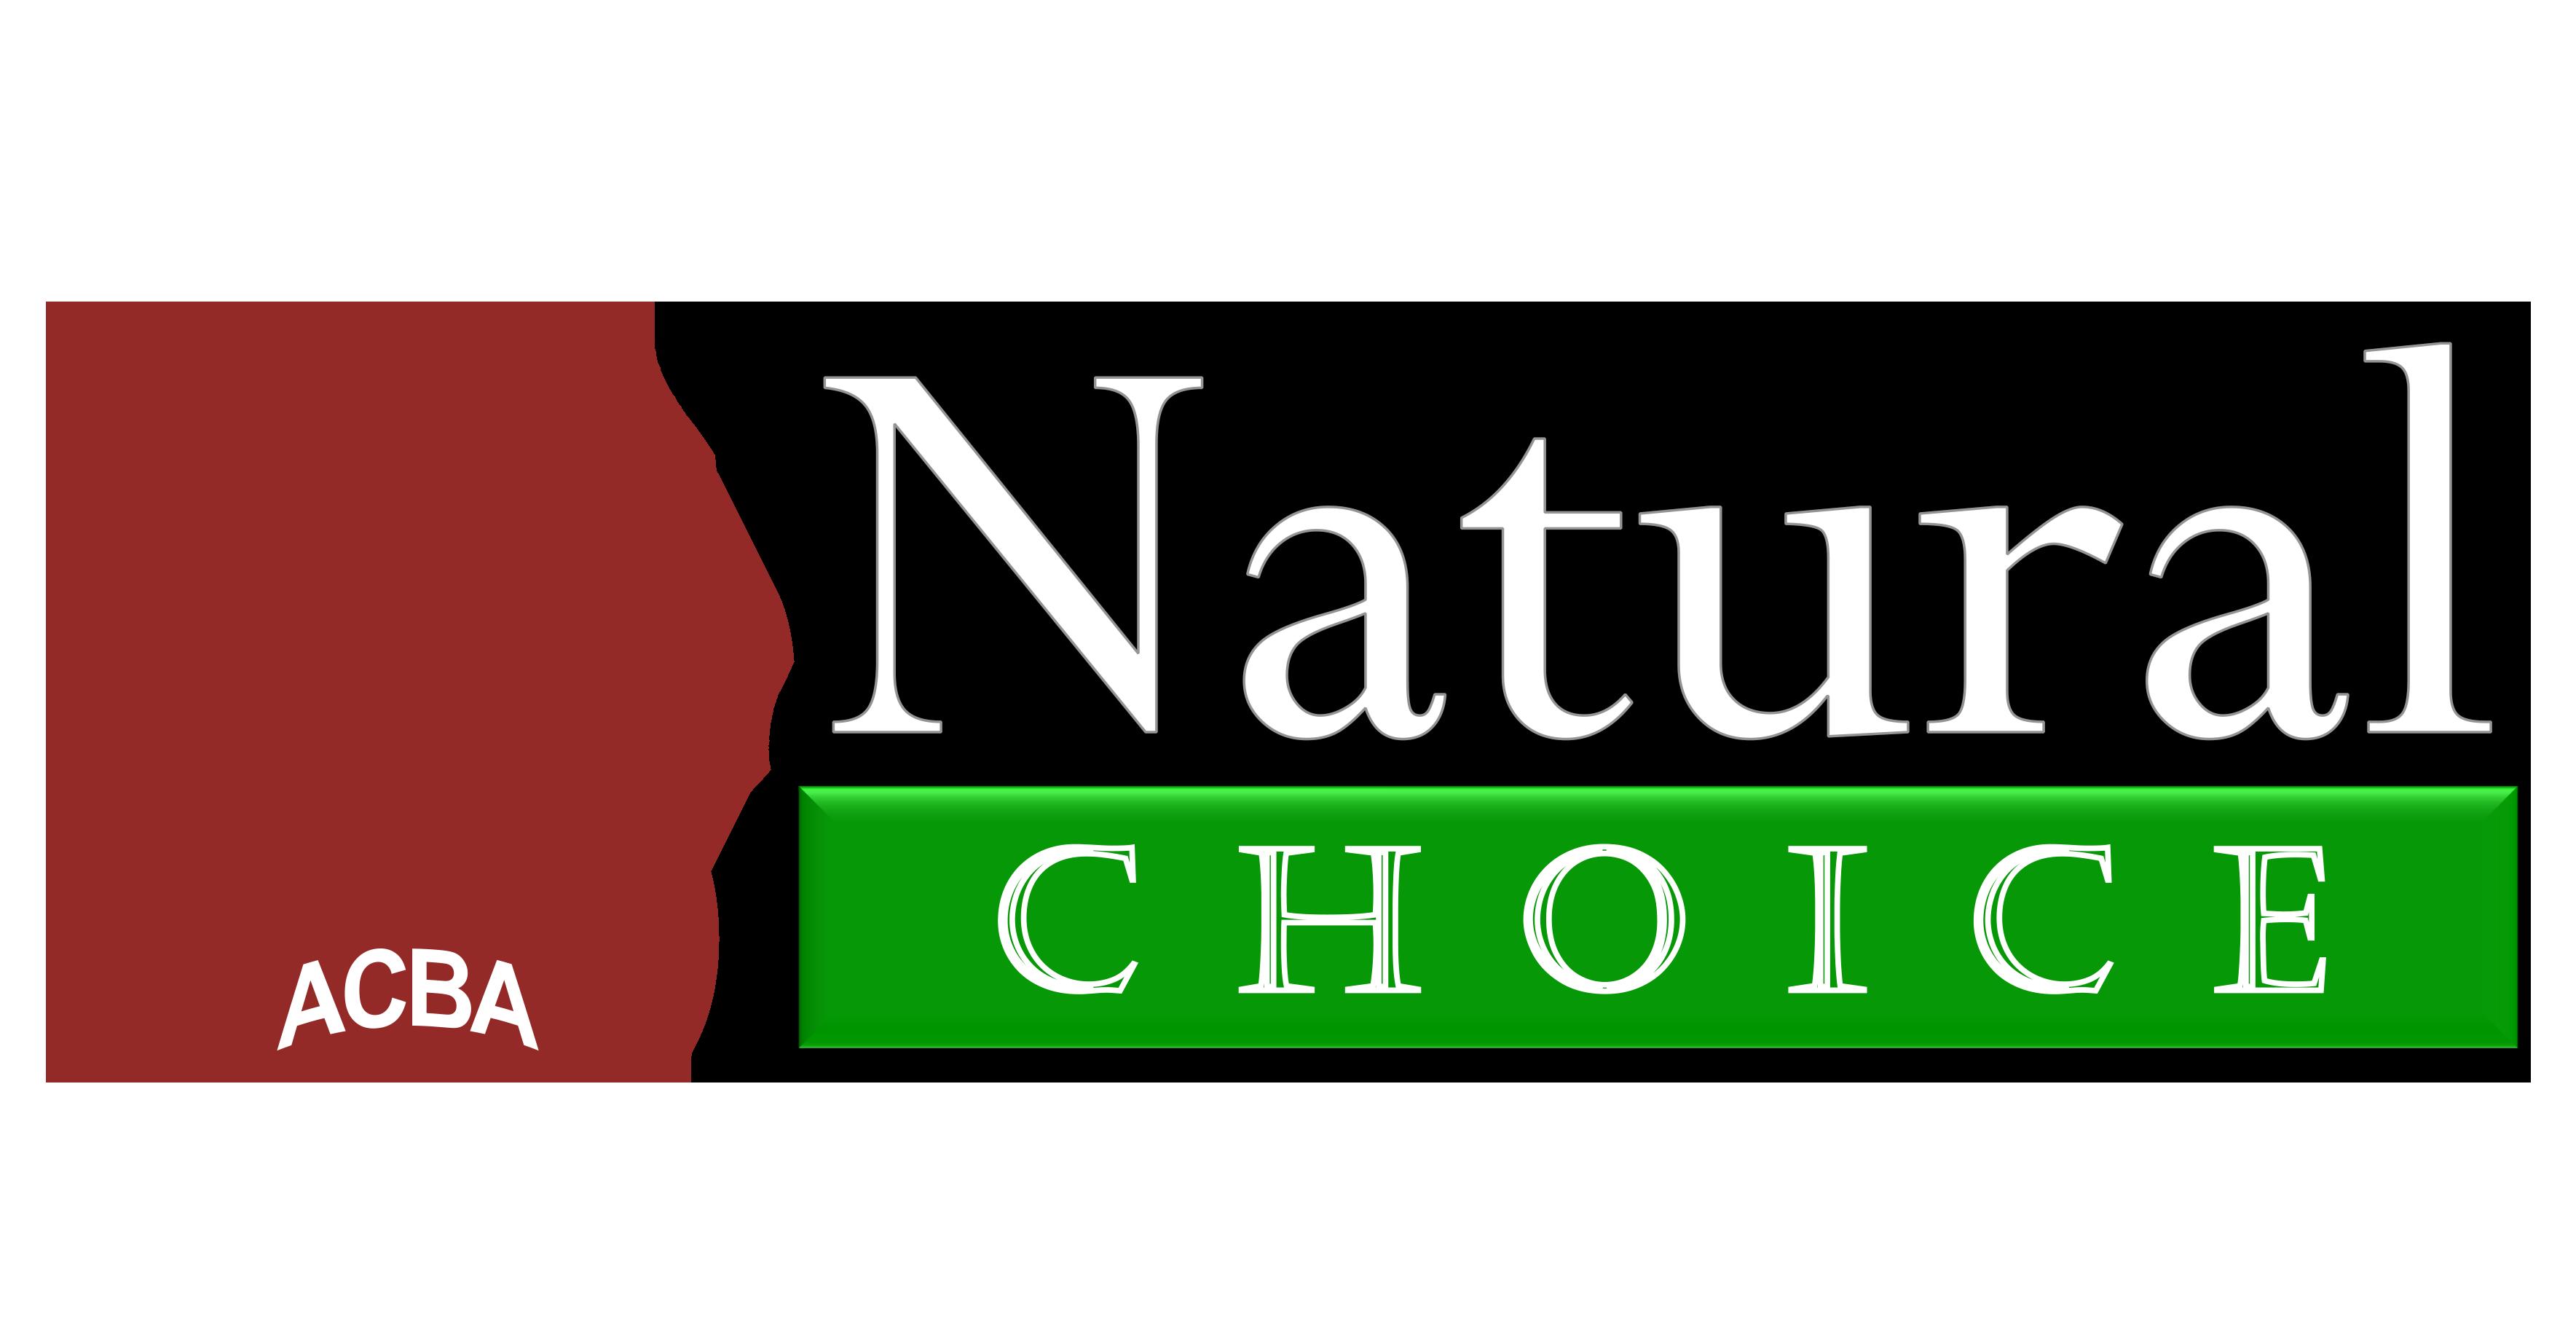 Natural Choice